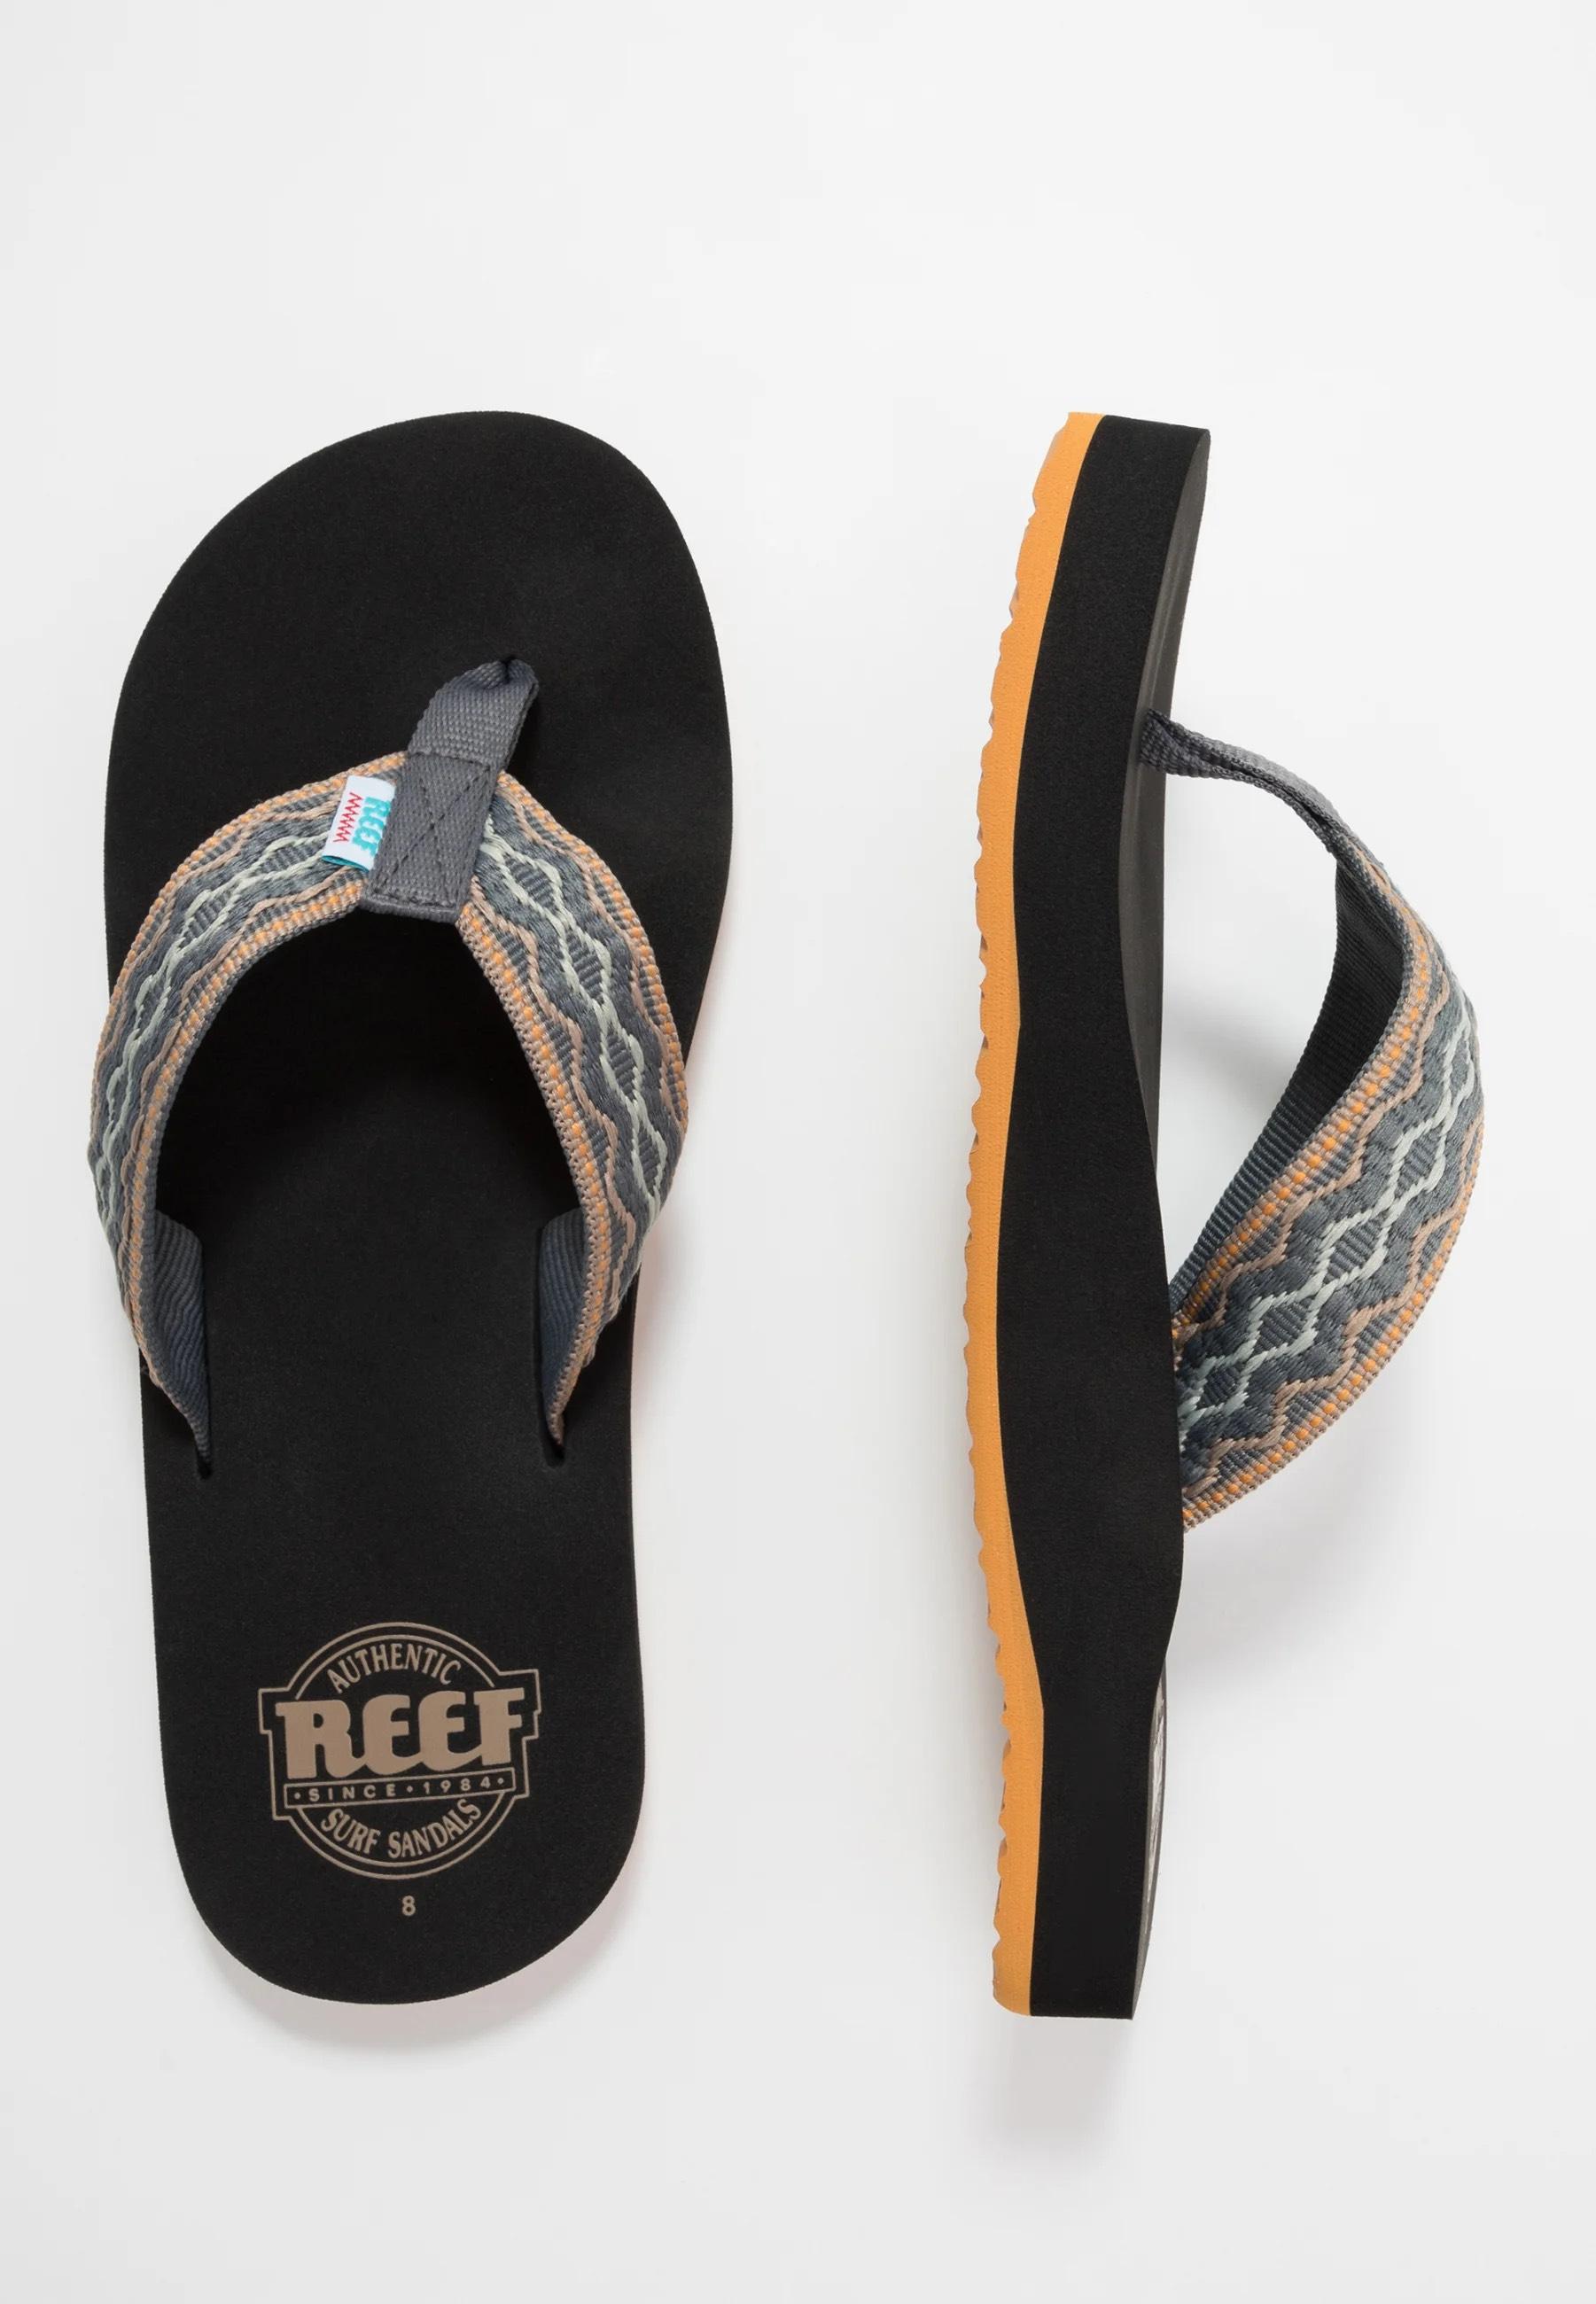 (@Zalando) Reef Zehentrenner Flip Flops z.B. Modell Smoothy für 8,23€ in 35-46 weitere Modelle im Link